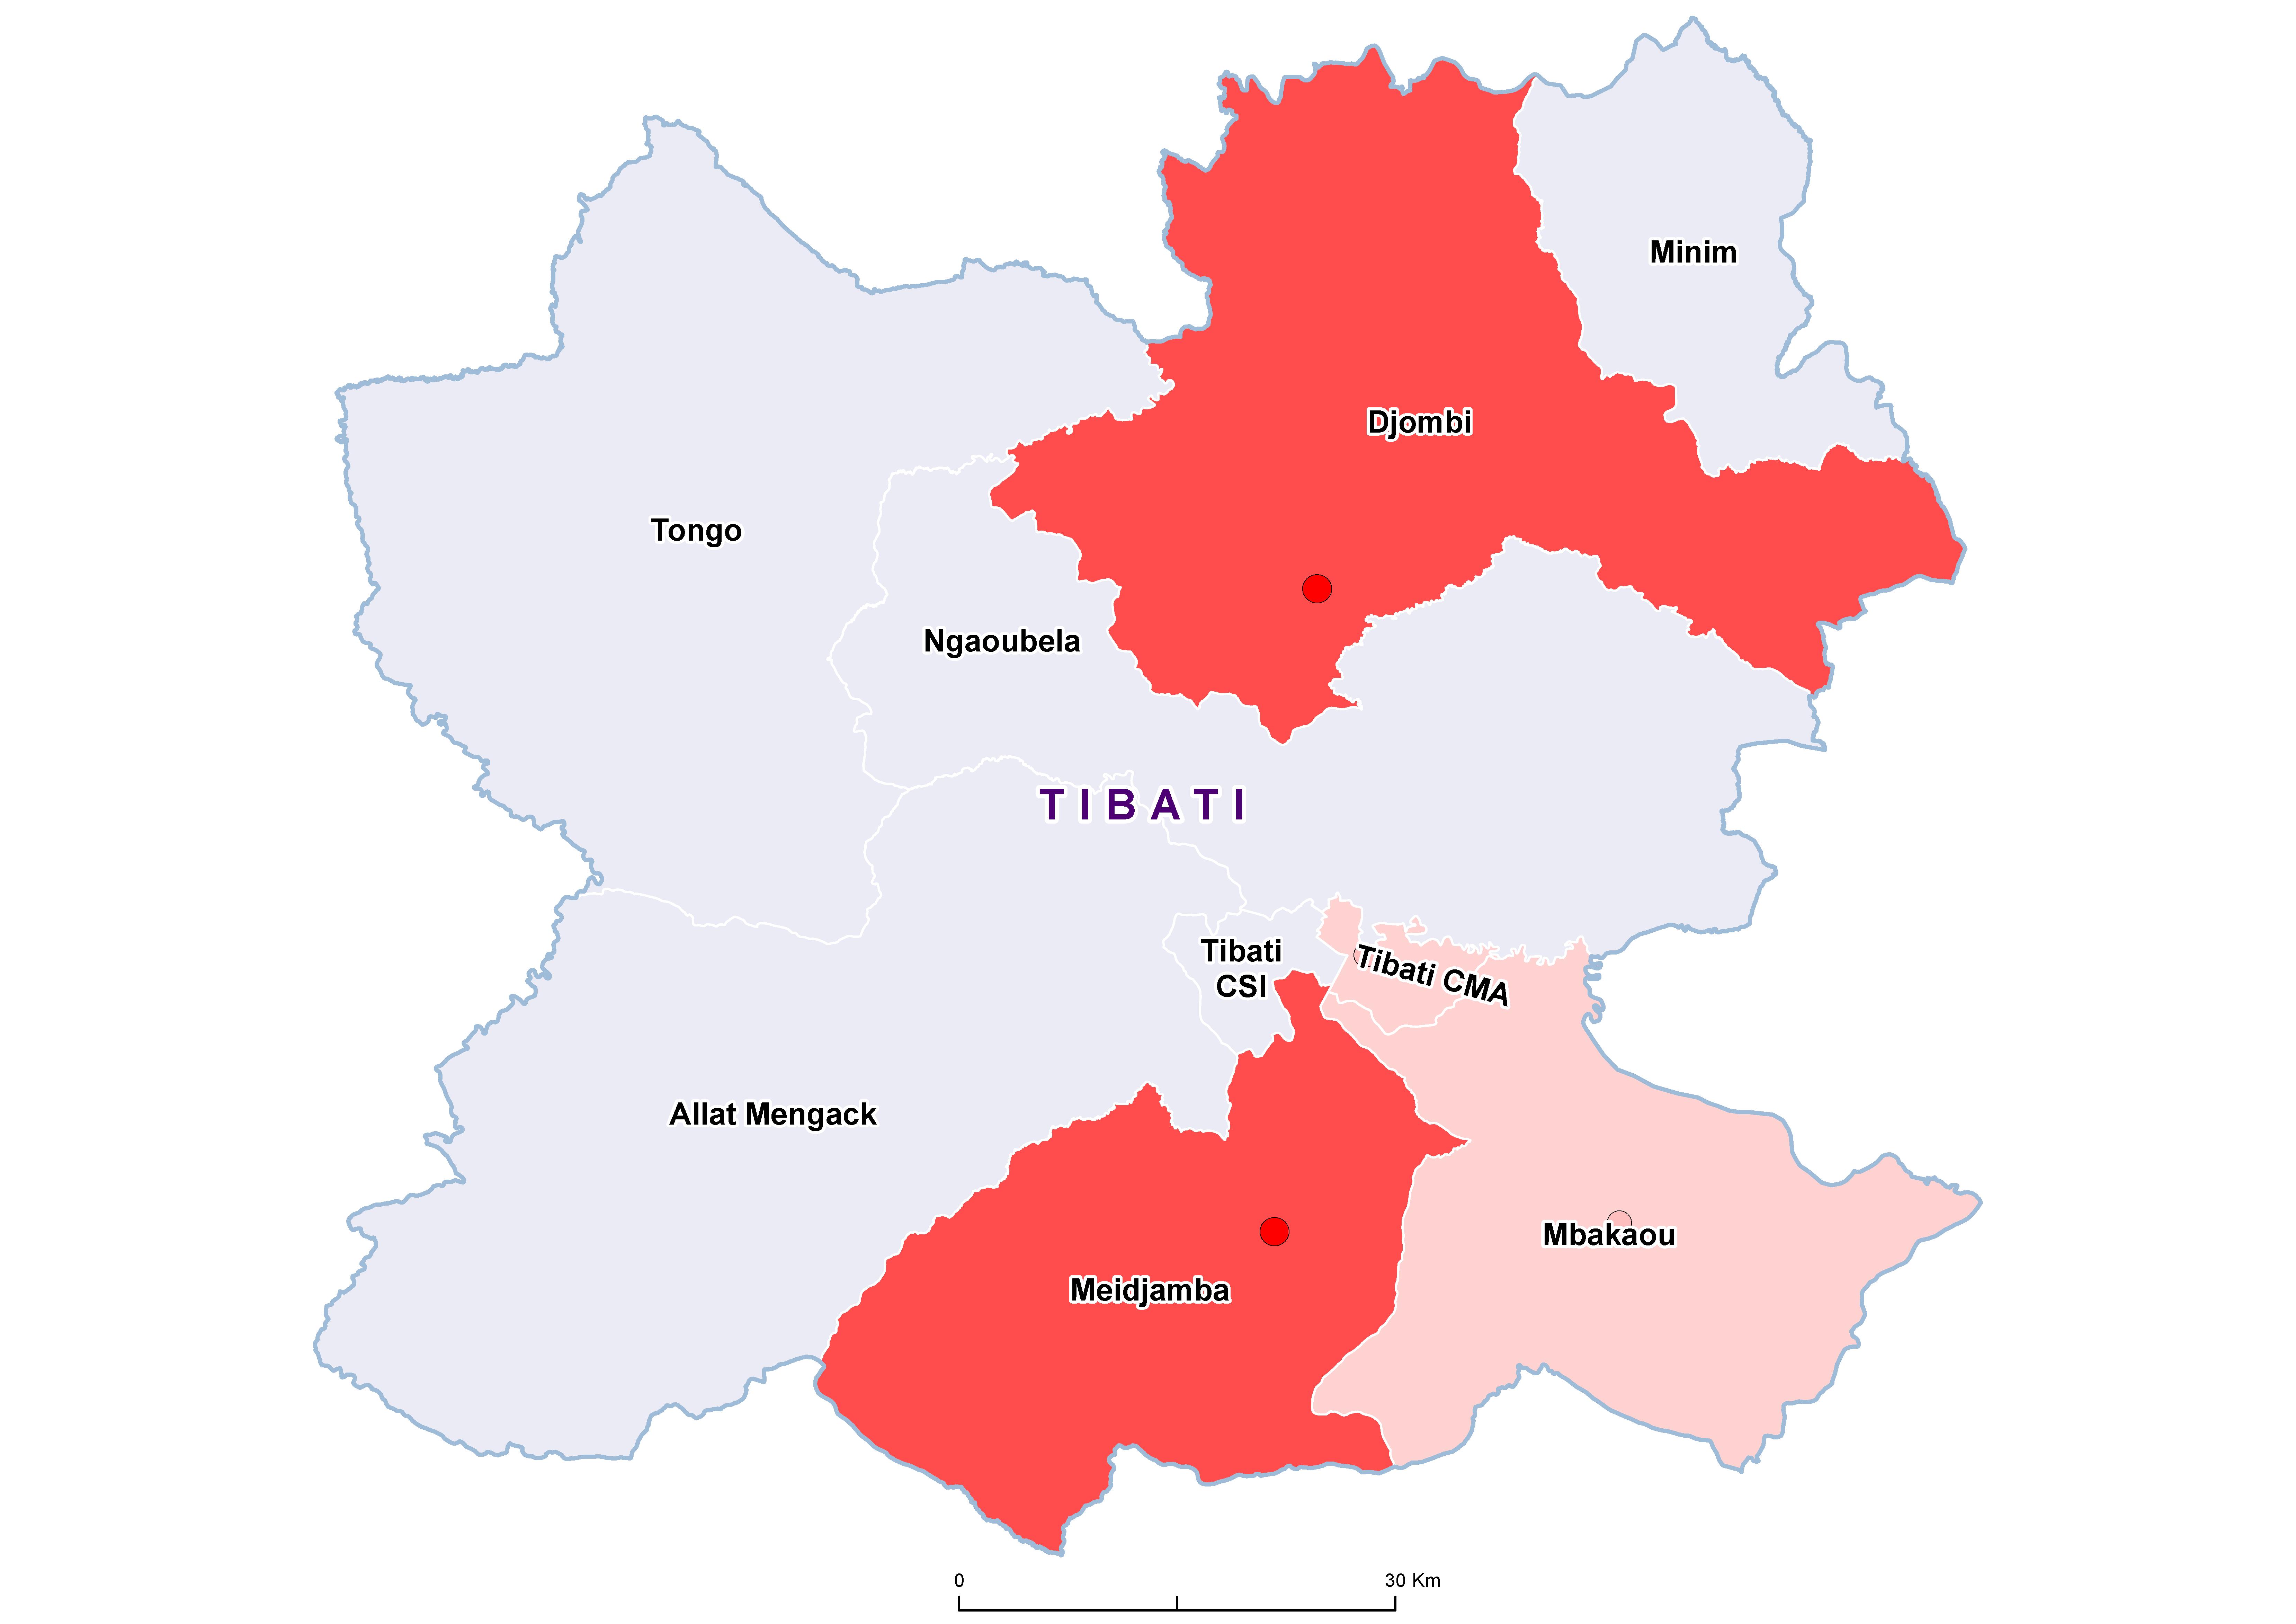 Tibati STH 20100001